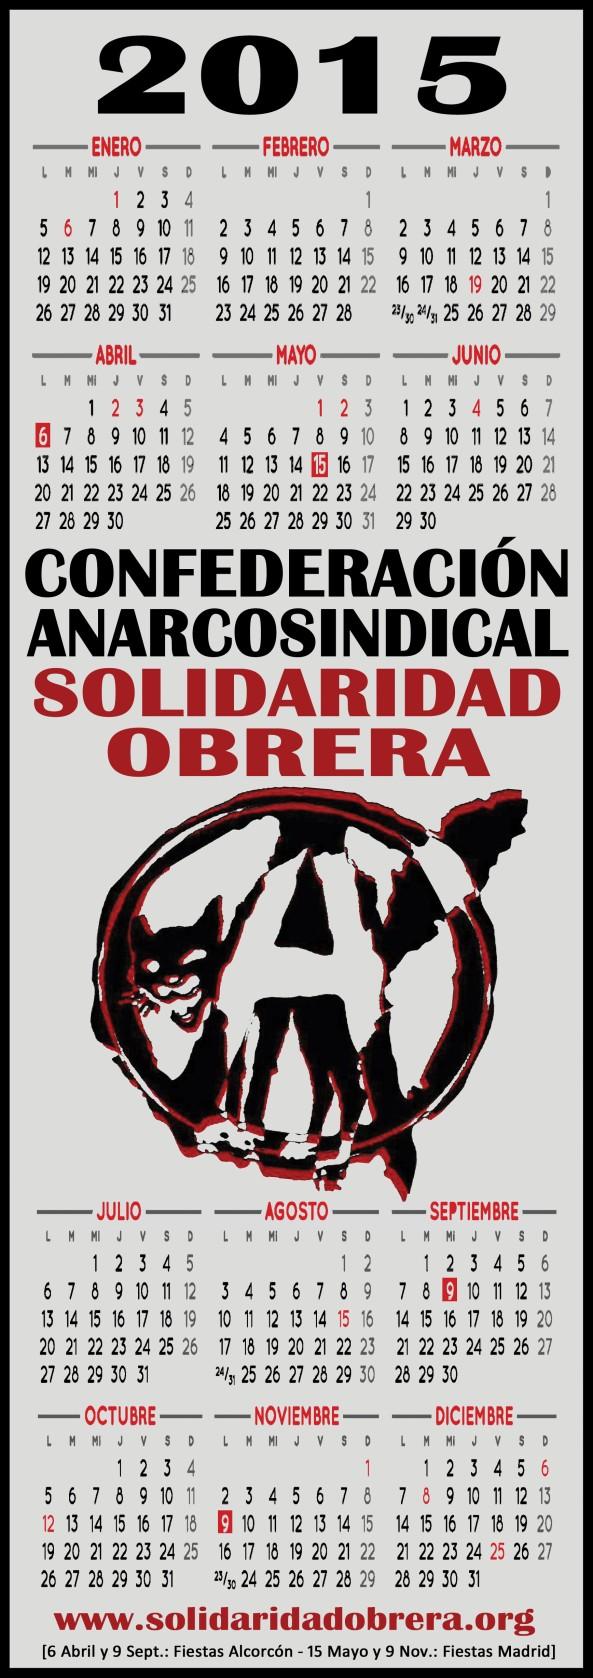 Calendario Gato II 2015 Solidaridad Obrera [15x42cm]